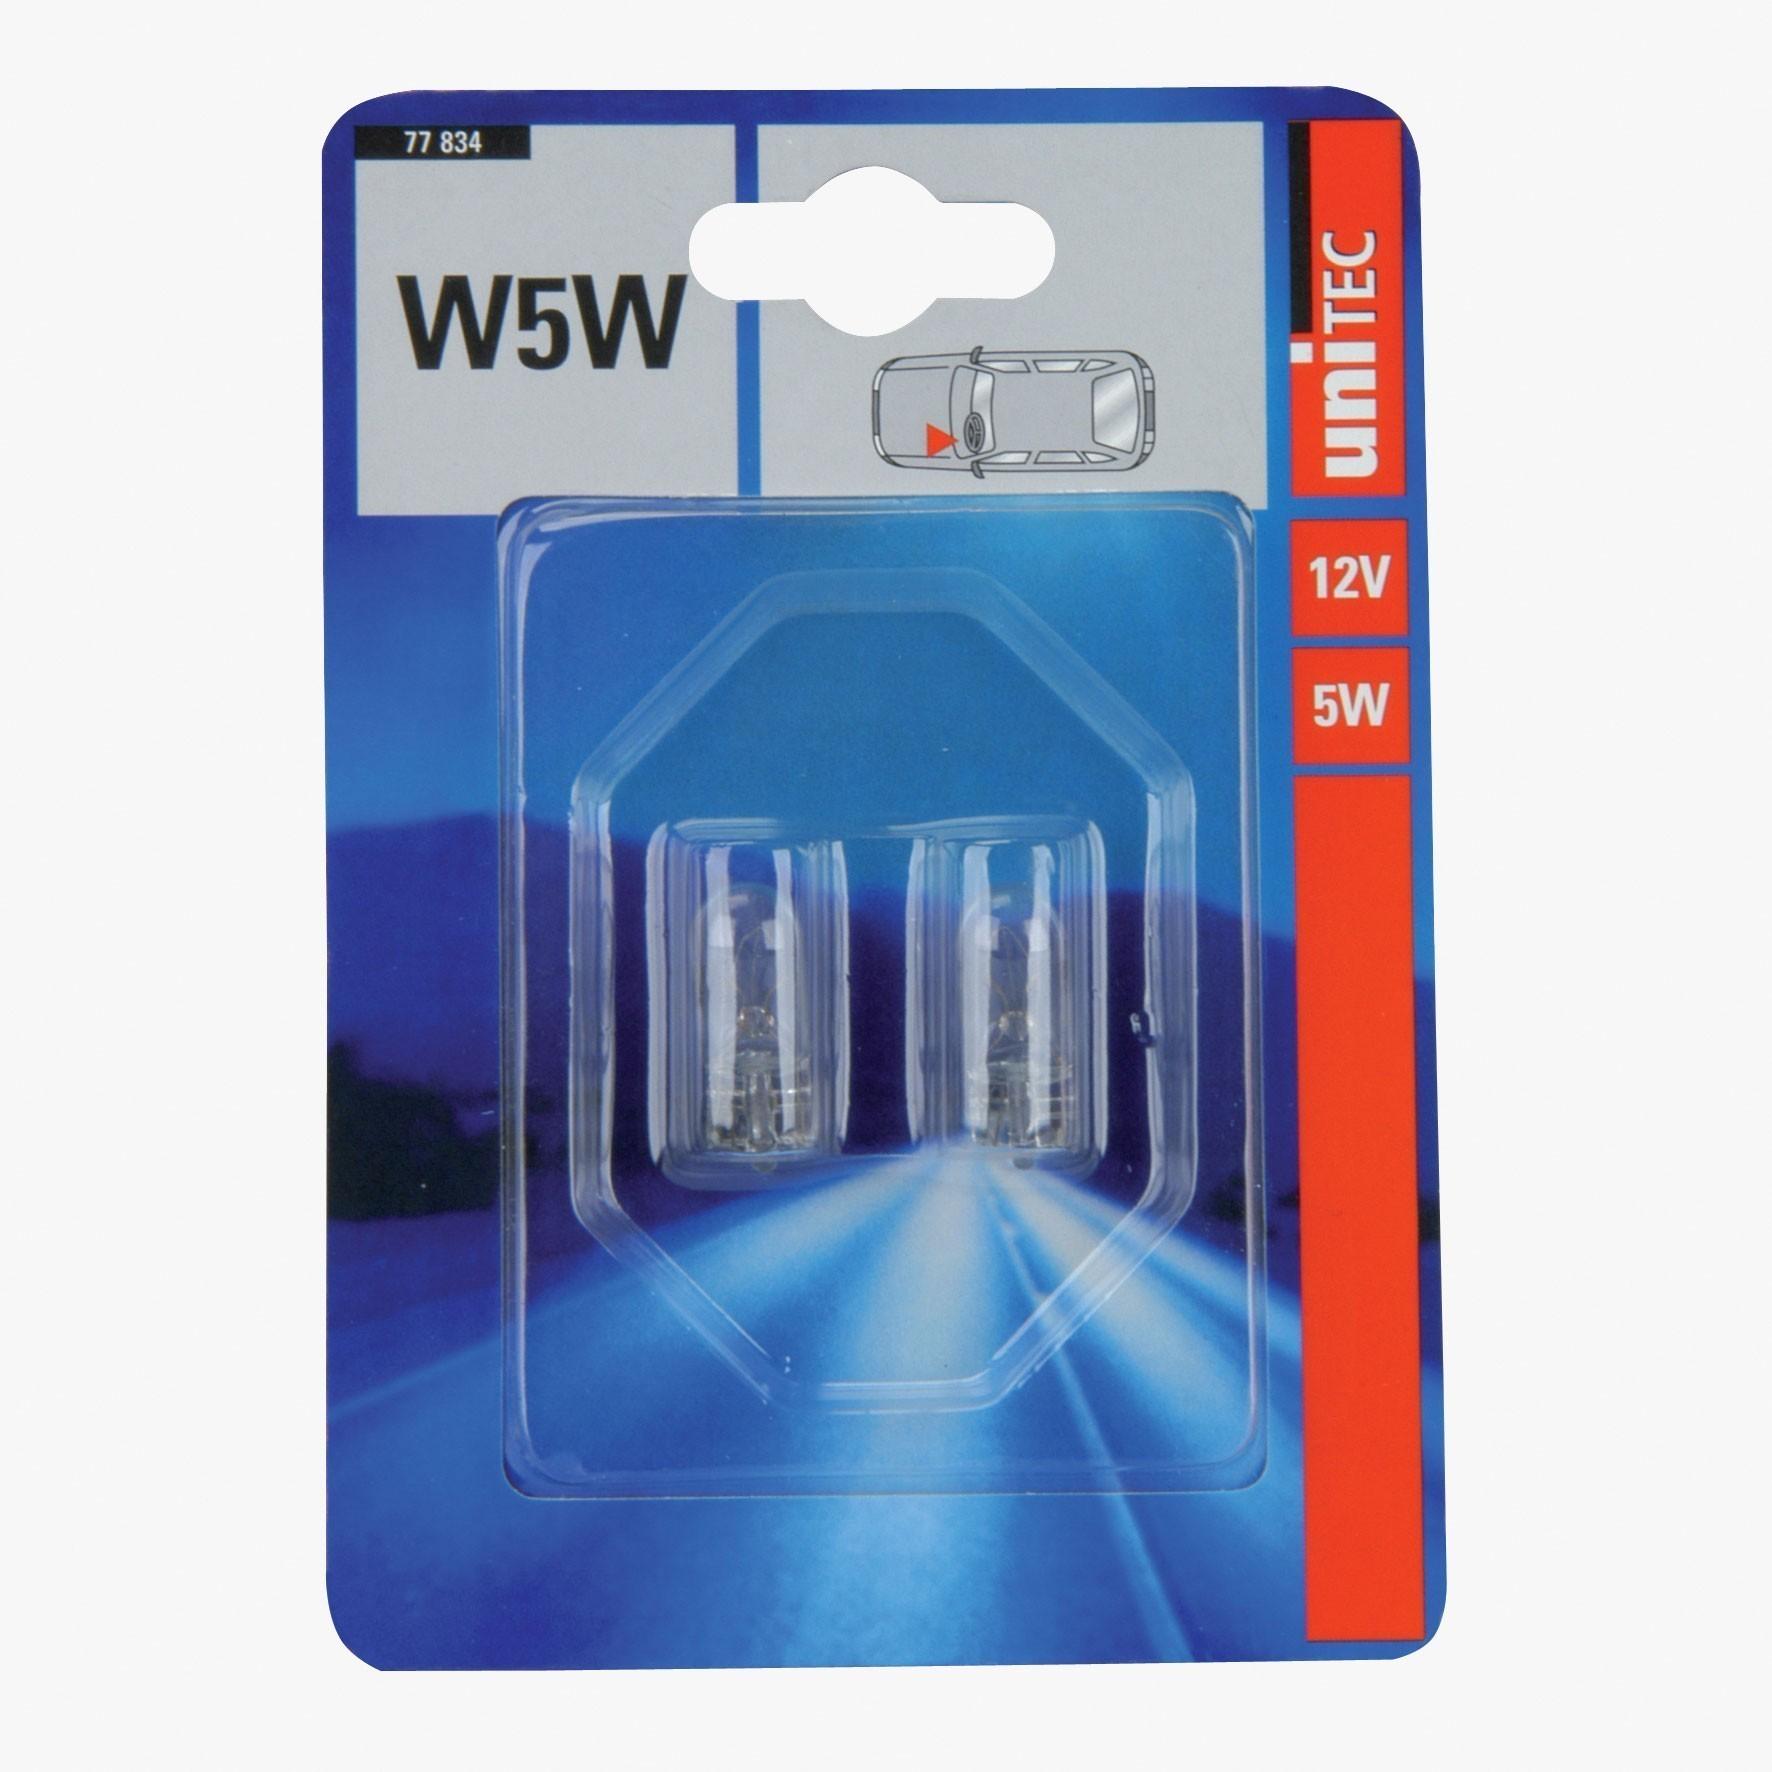 Glassockellampe Unitec W5W 12Volt 2 Stück Bild 1